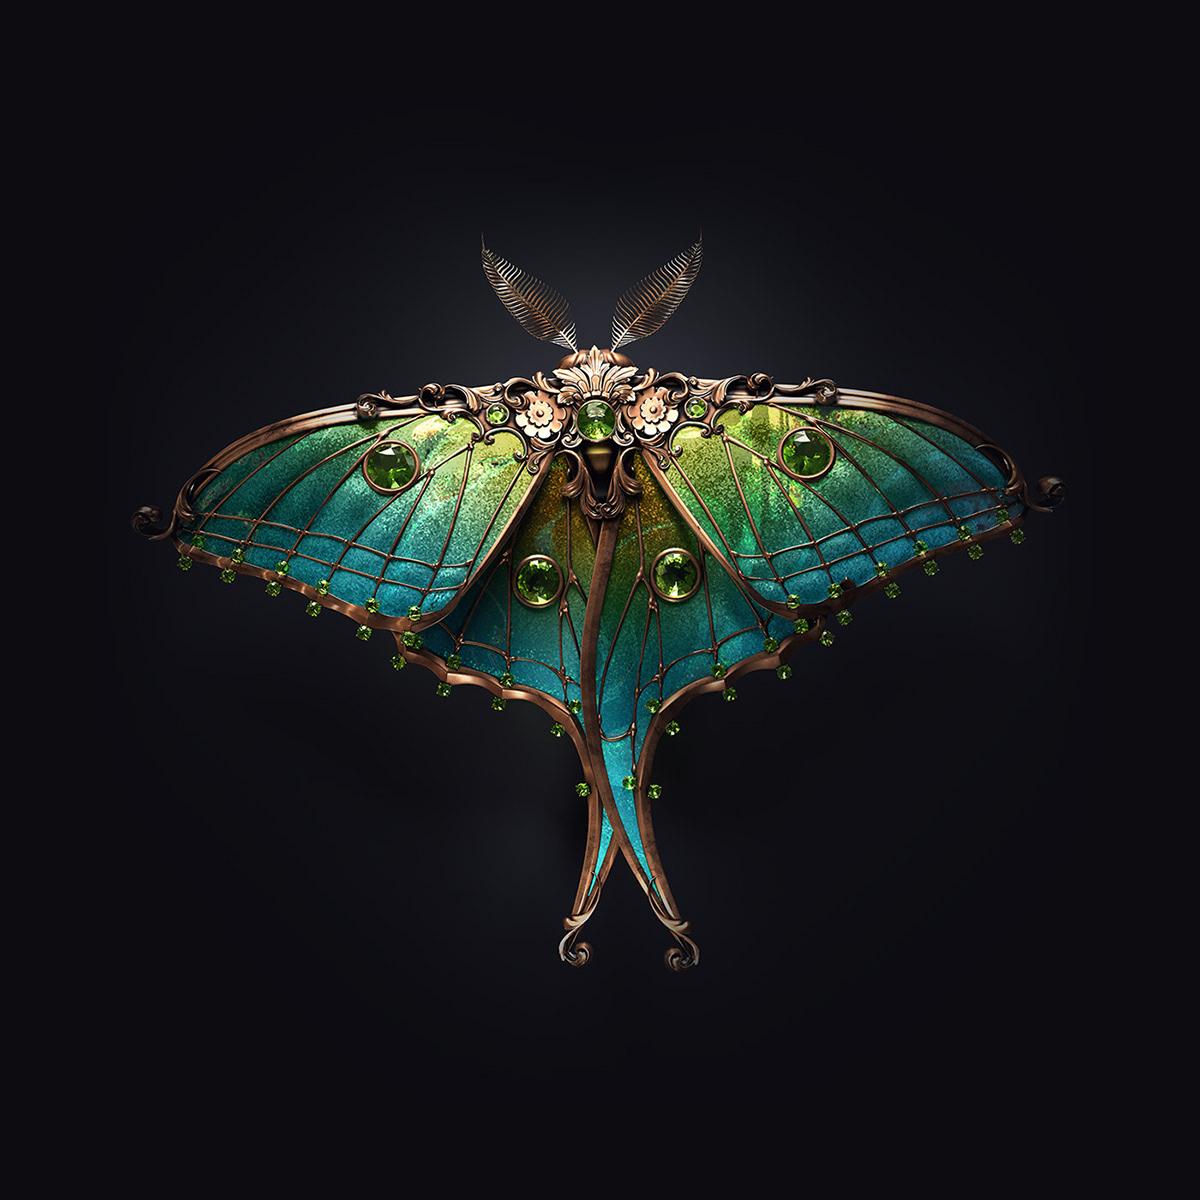 Jewel insects by Sasha Vinogradova 2